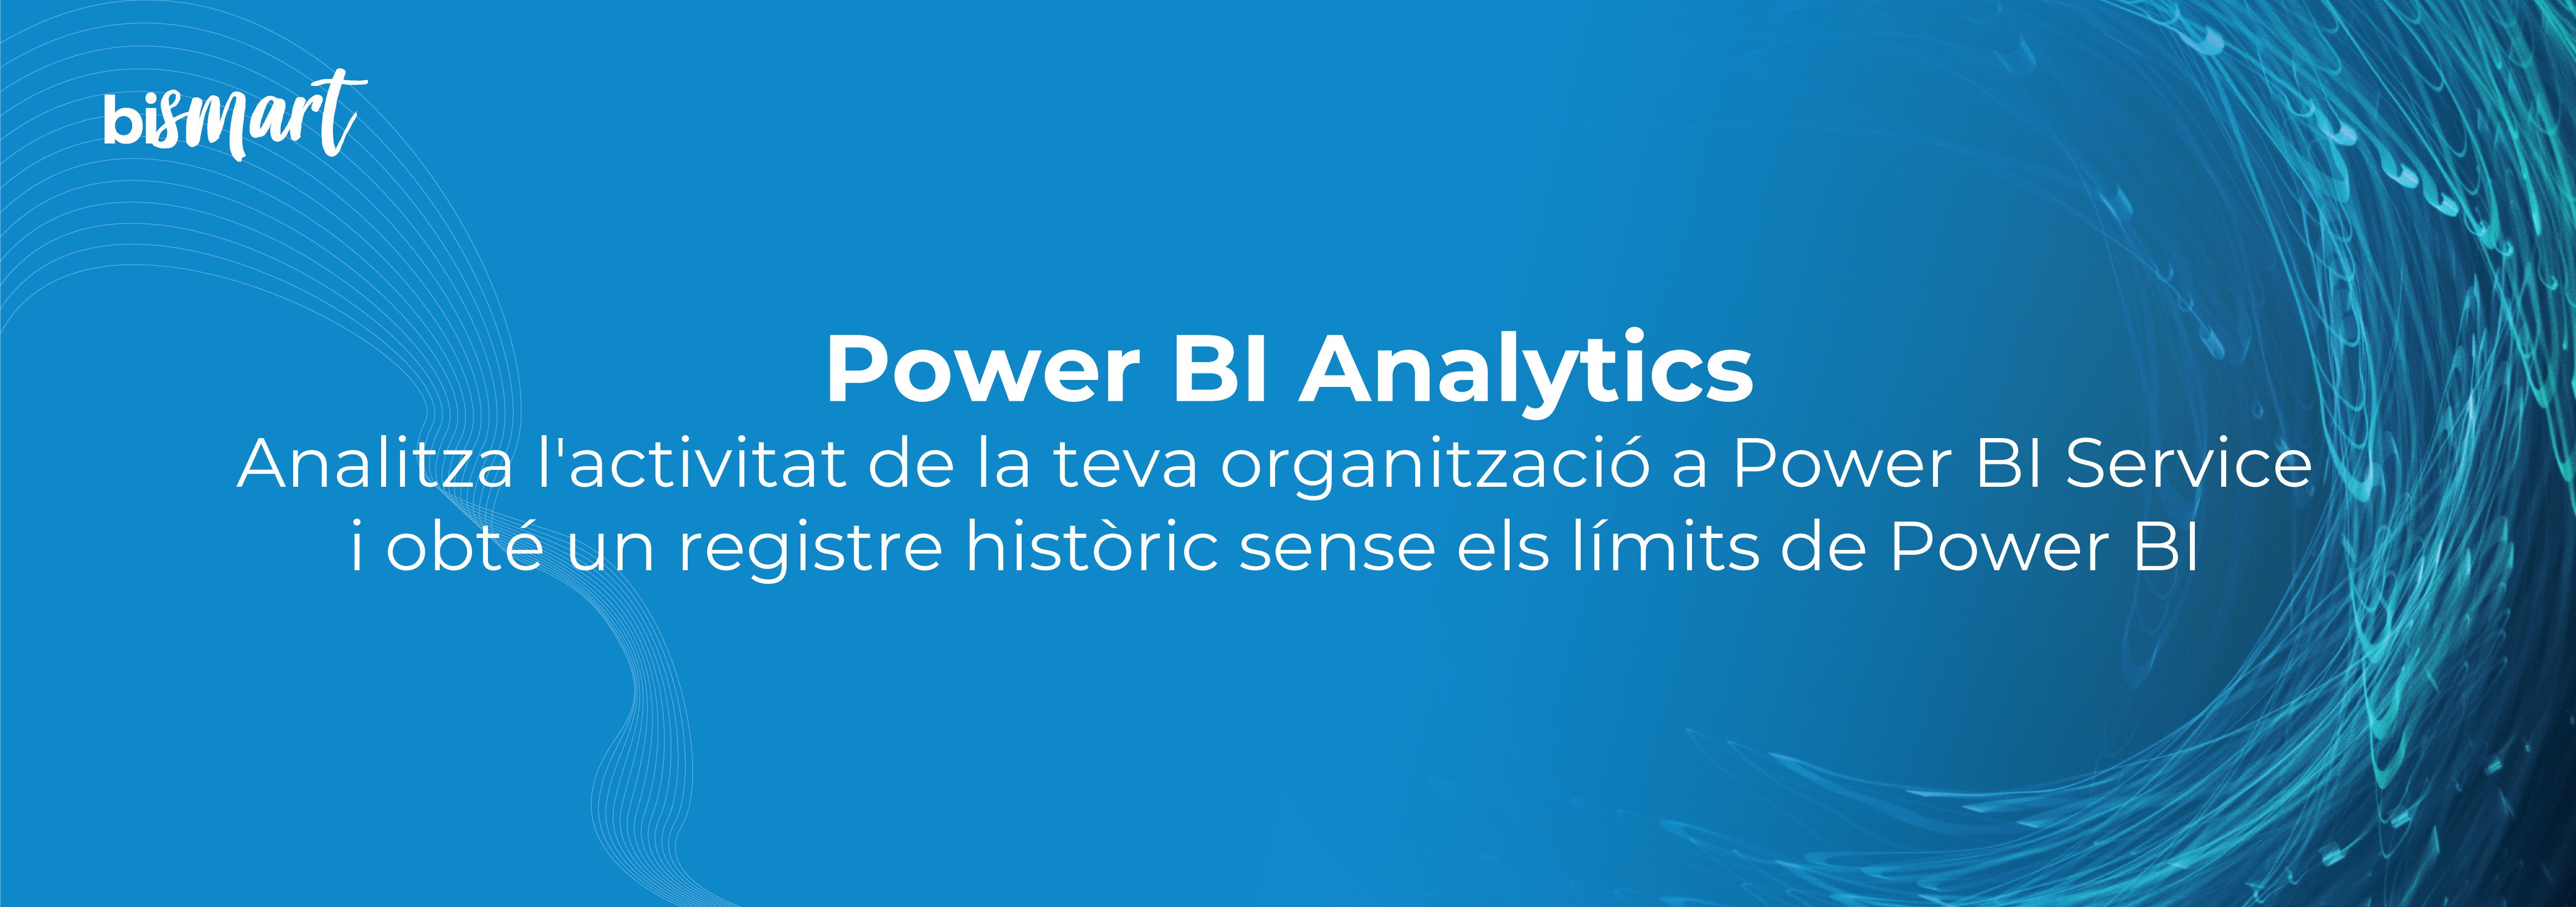 PowerBI-Analytics-CA-01